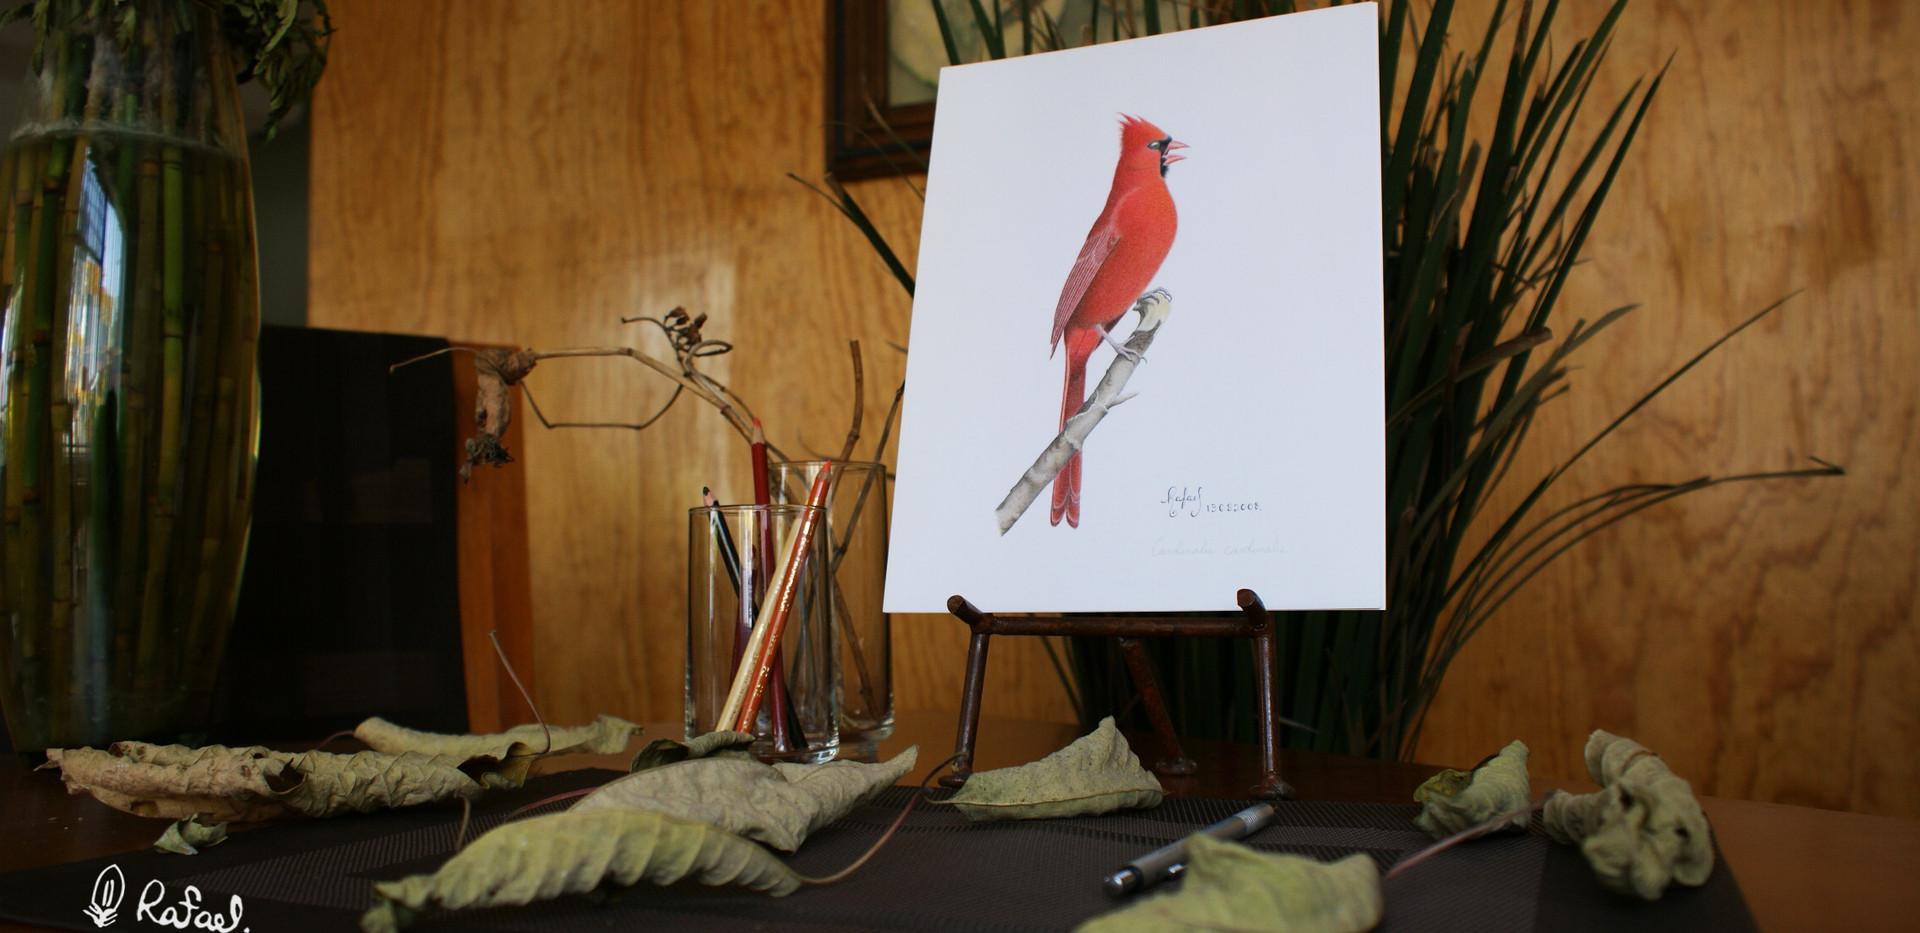 Cardenal Rojo | Northern Cardinal